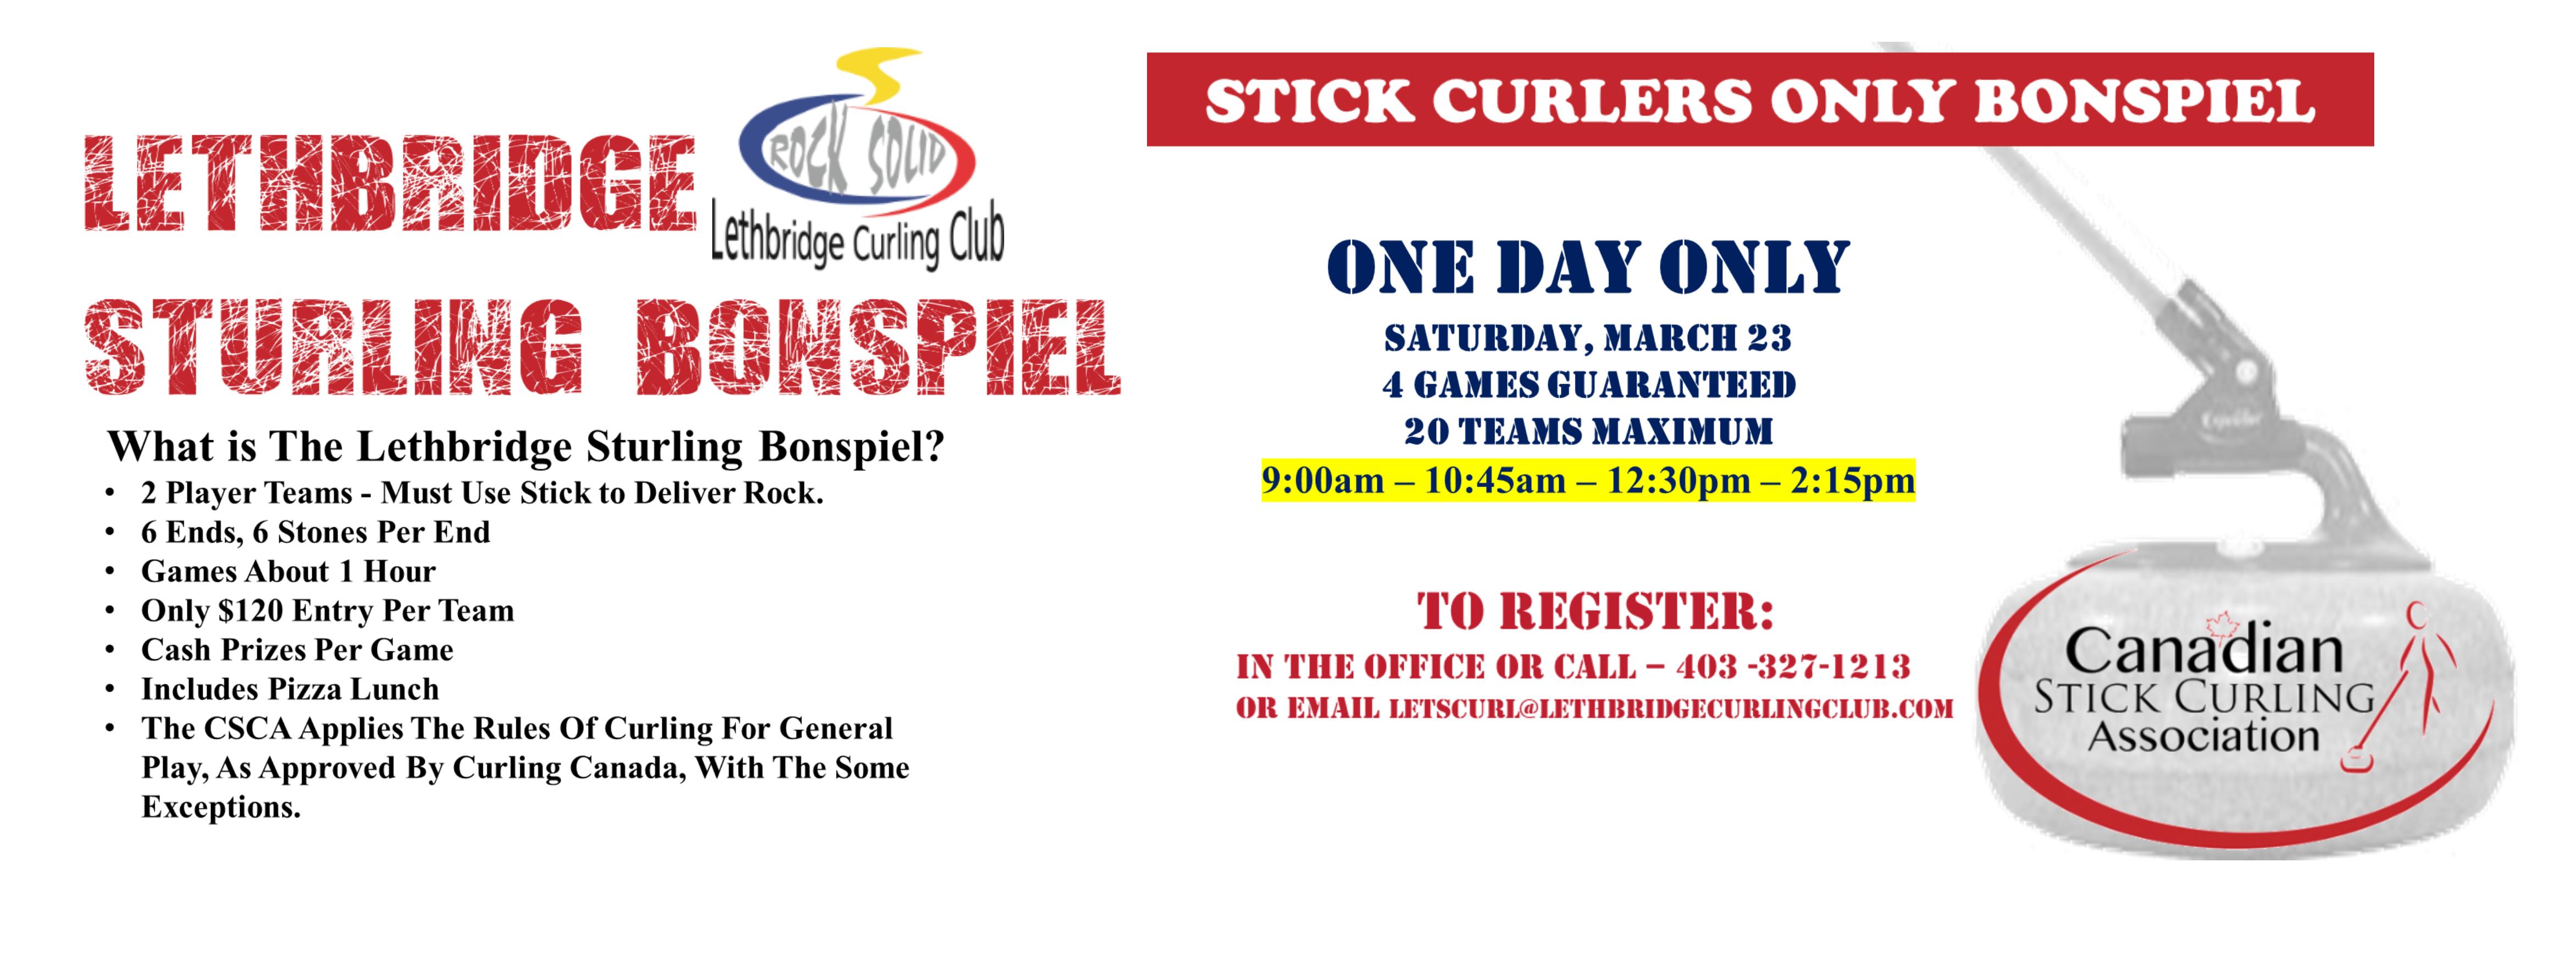 <div id=slideshow_title>Lethbridge Sturling Bonspiel</div> <br><div style='text-align: left; font-size: 18px;'>Stick Curlers Only Bonspiel - Max 20 Teams - Sign up Today!</div>